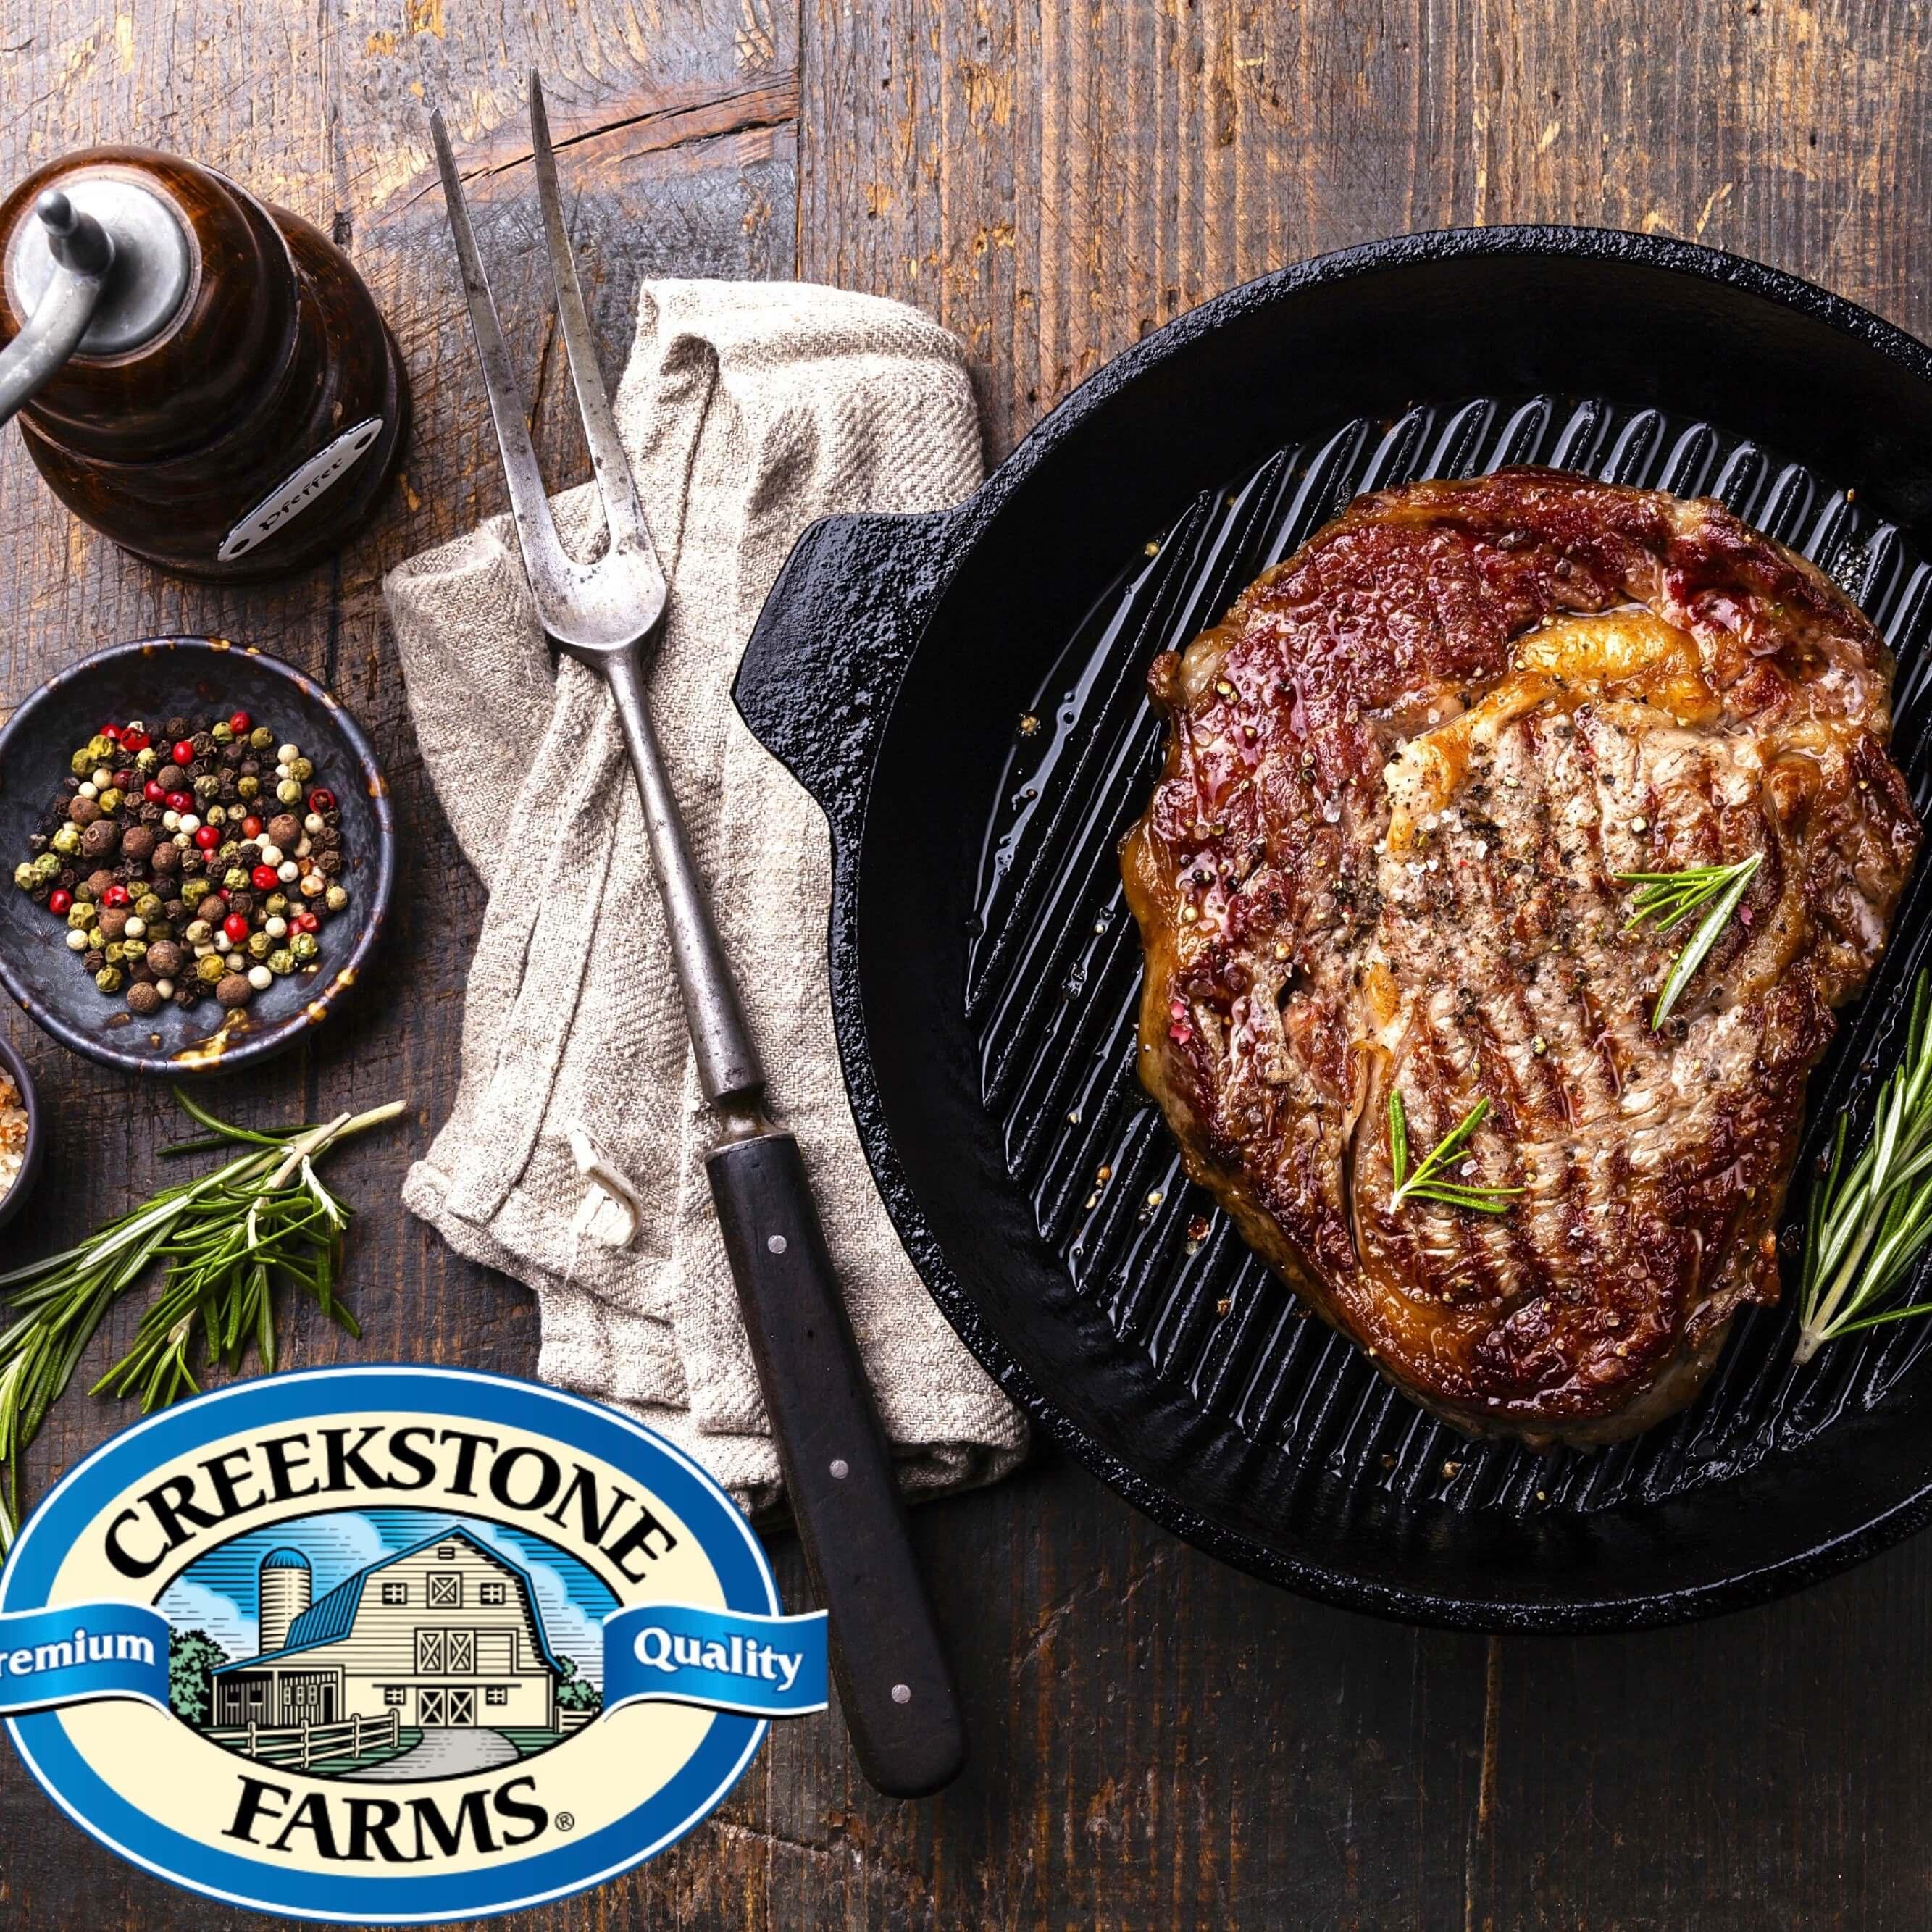 USDA Prime Ribeye steaks - 2 stk. Creekstone Black Angus